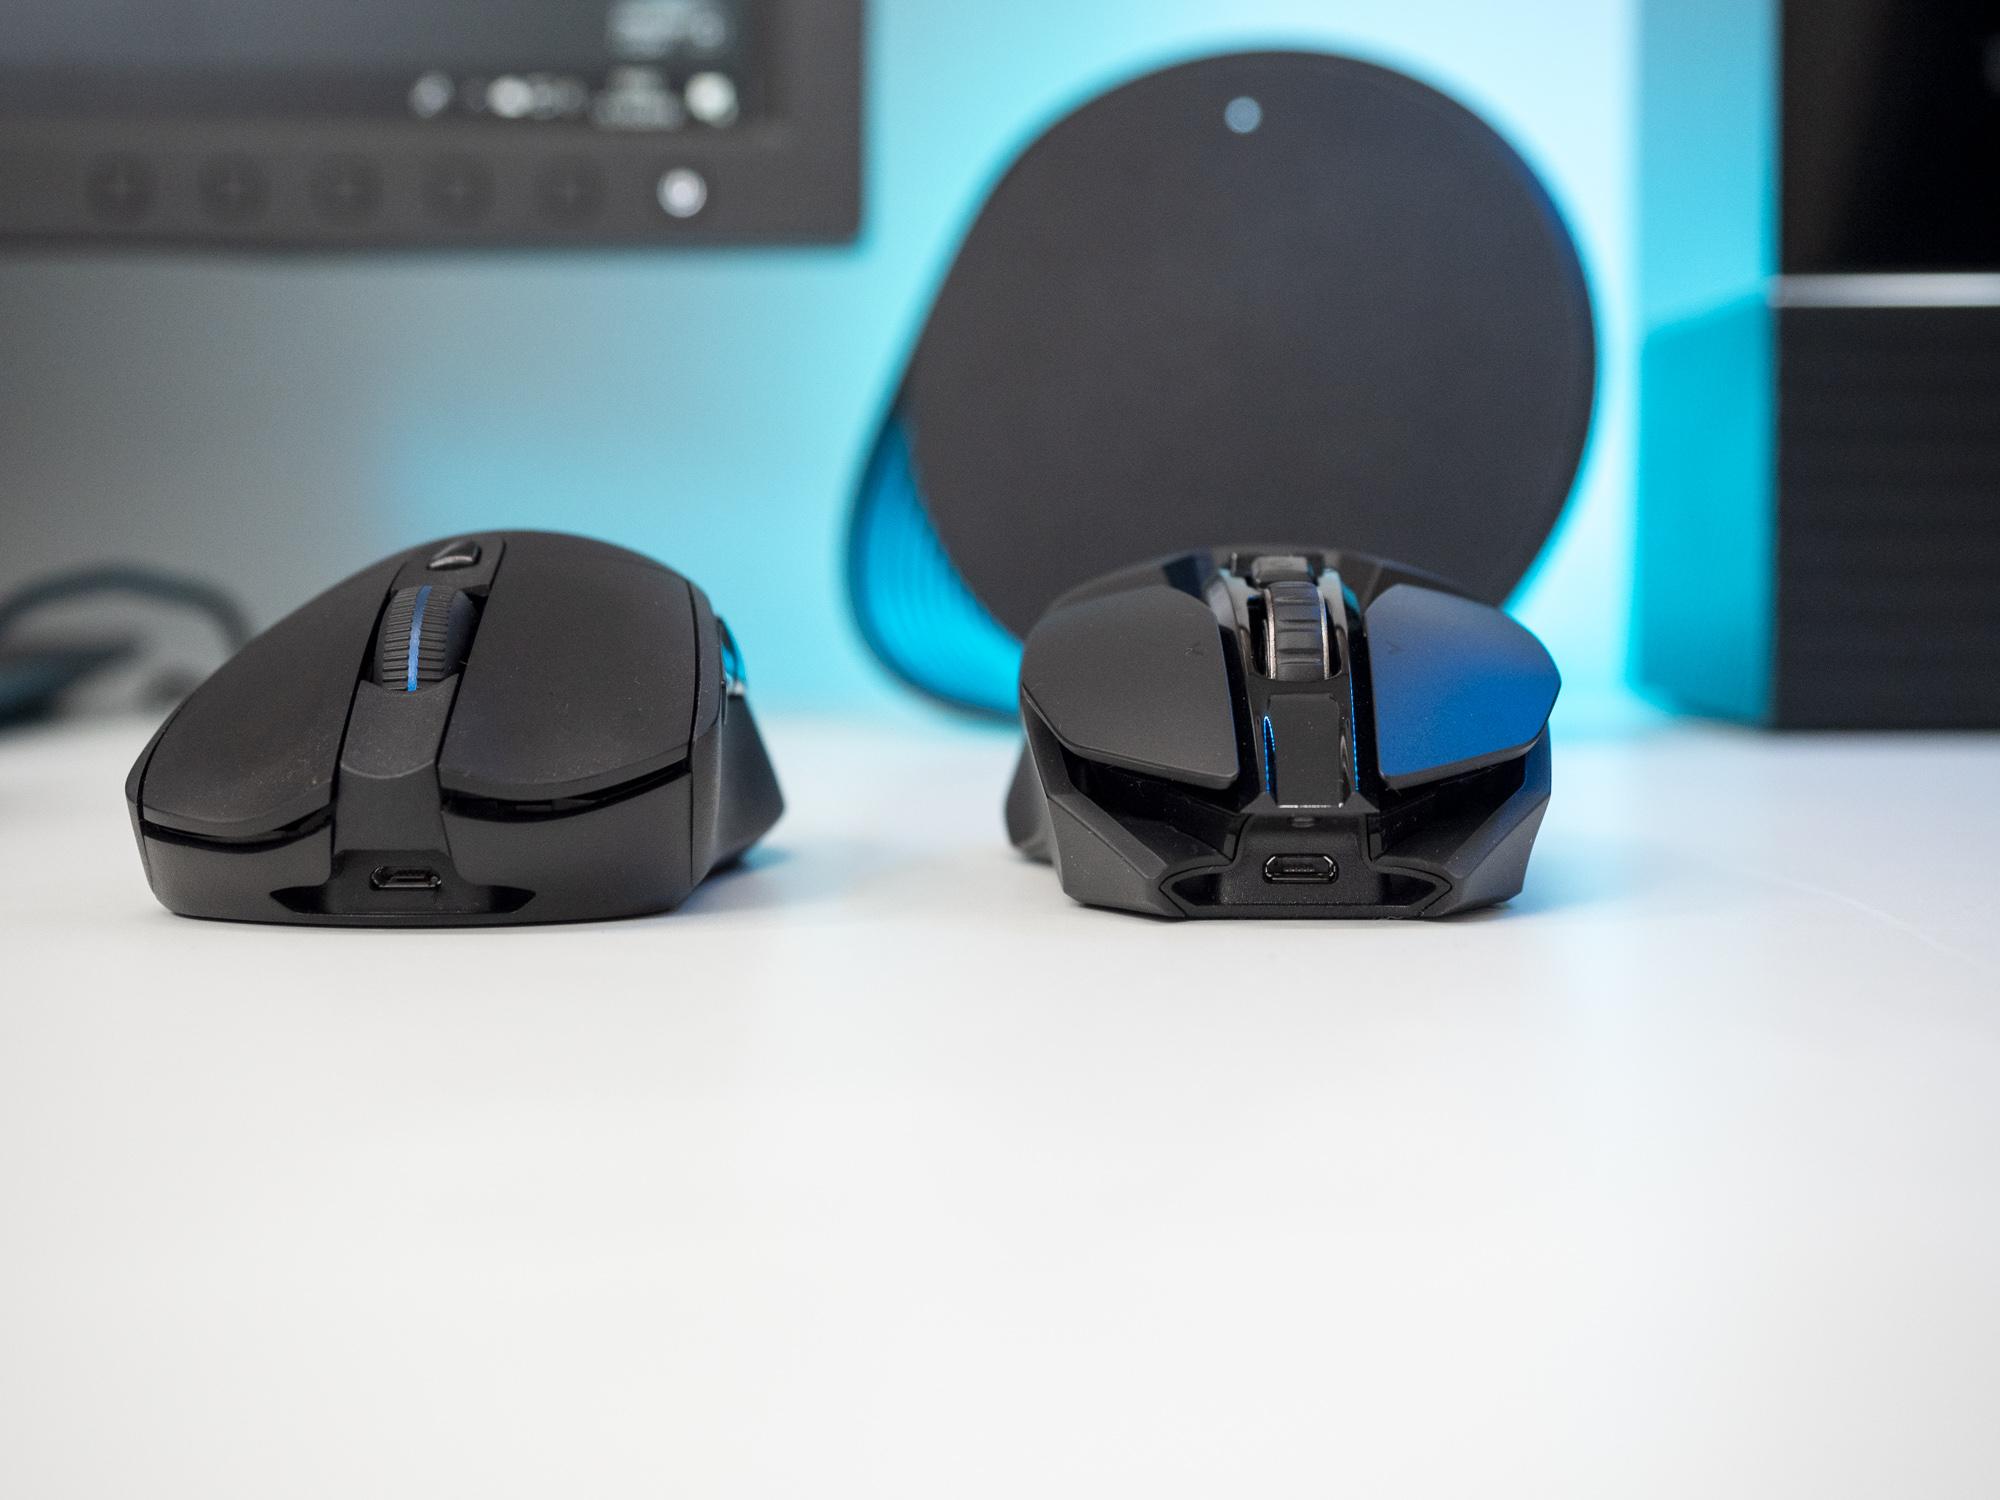 Myszka bezprzewodowa do gier? Podpowiadamy, jaką wybrać.